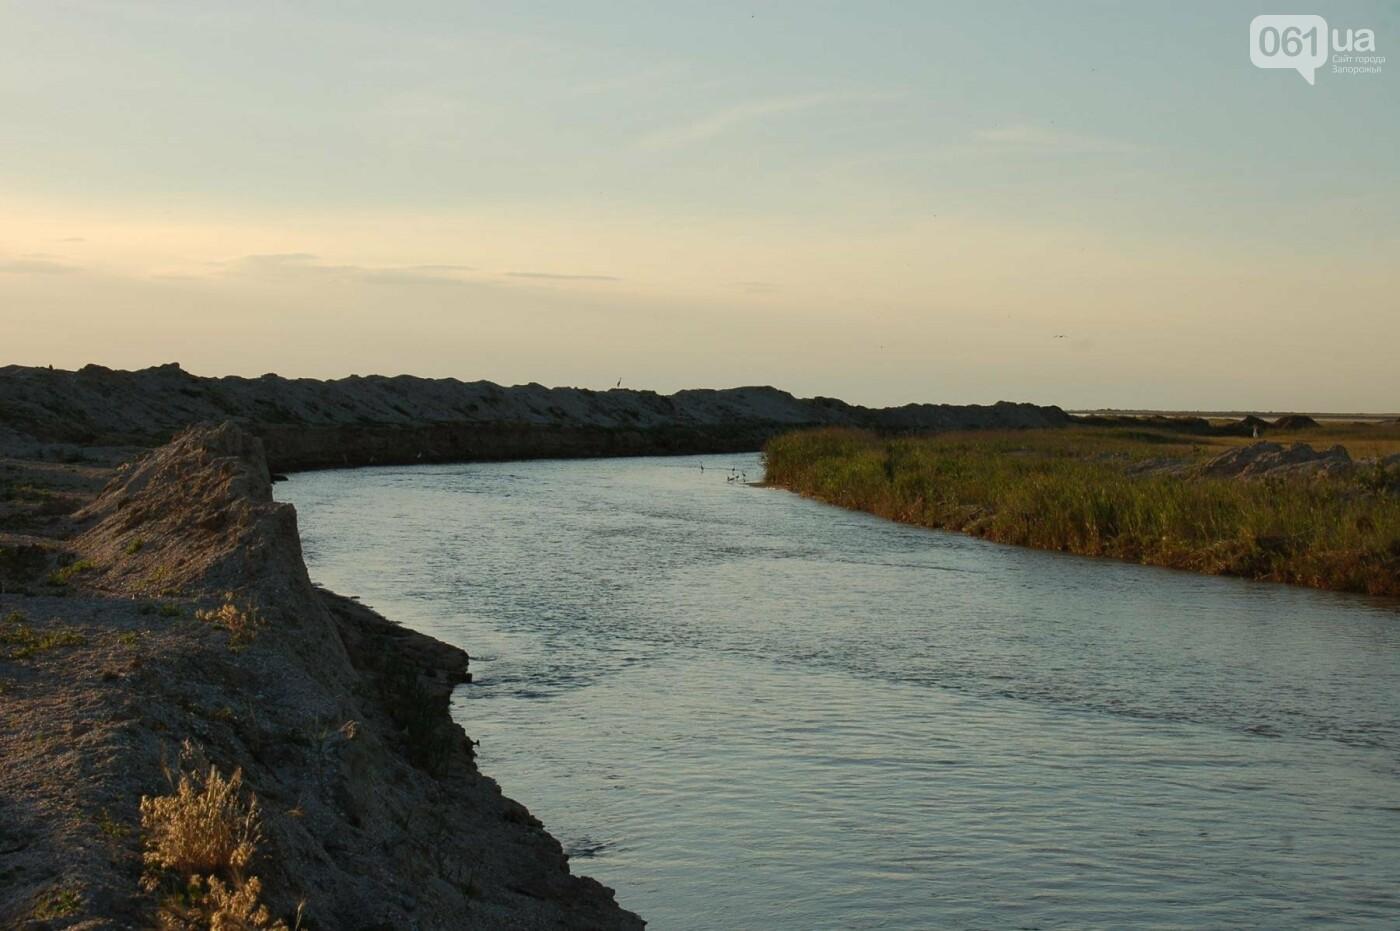 Рыбаки из шести городов Украины помогали открыть канал, соединяющий Молочный лиман с Азовским морем, который занесло песком после шторма, -..., фото-3